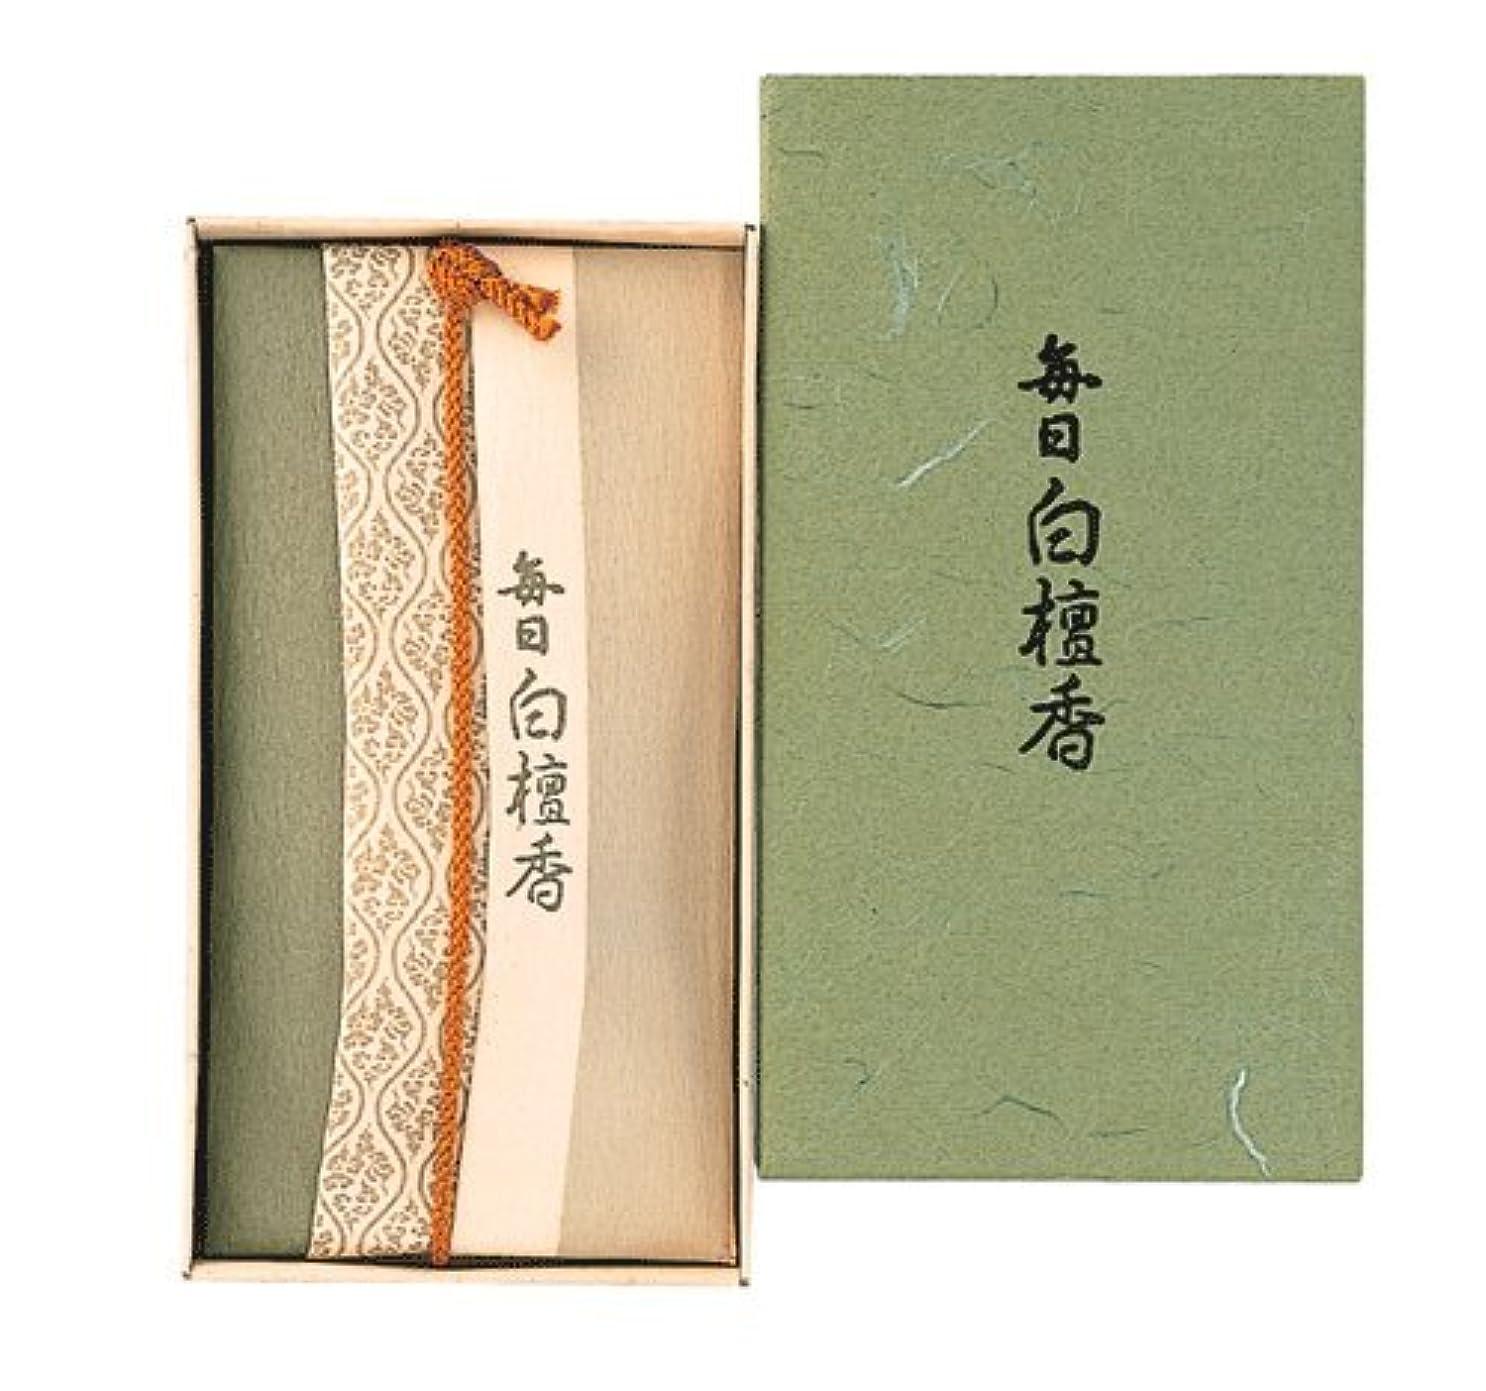 運河陽気なスケッチ香木の香りのお香 毎日白檀香 コーン24個入【お香】